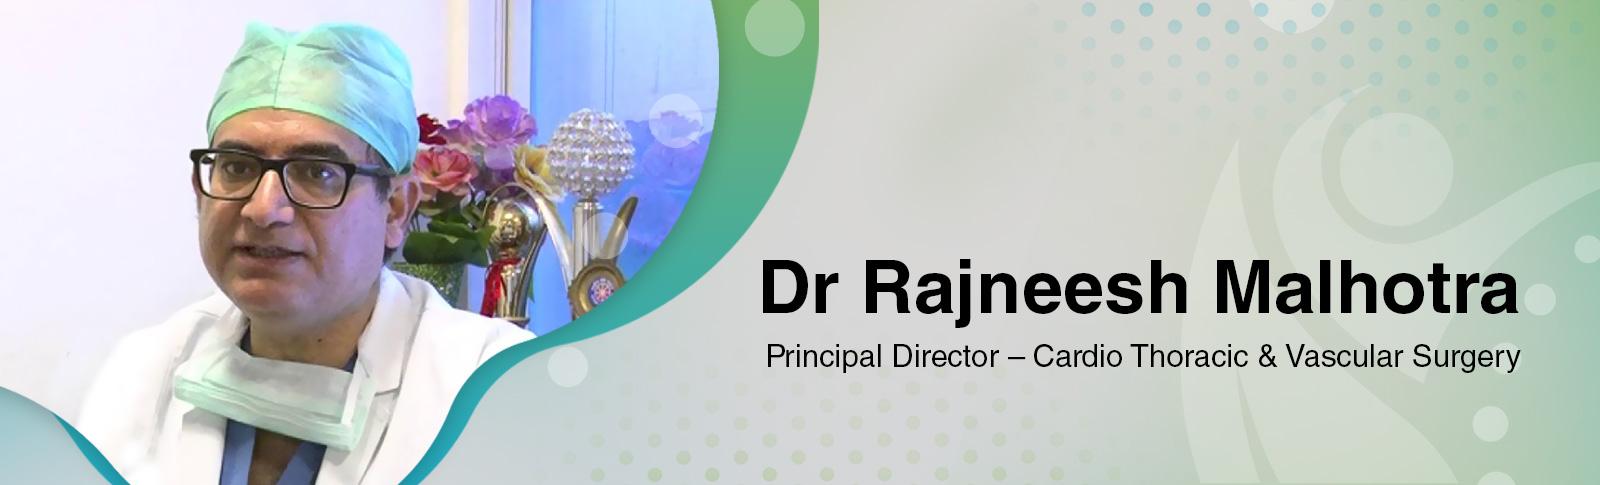 Dr Rajneesh Malhotra